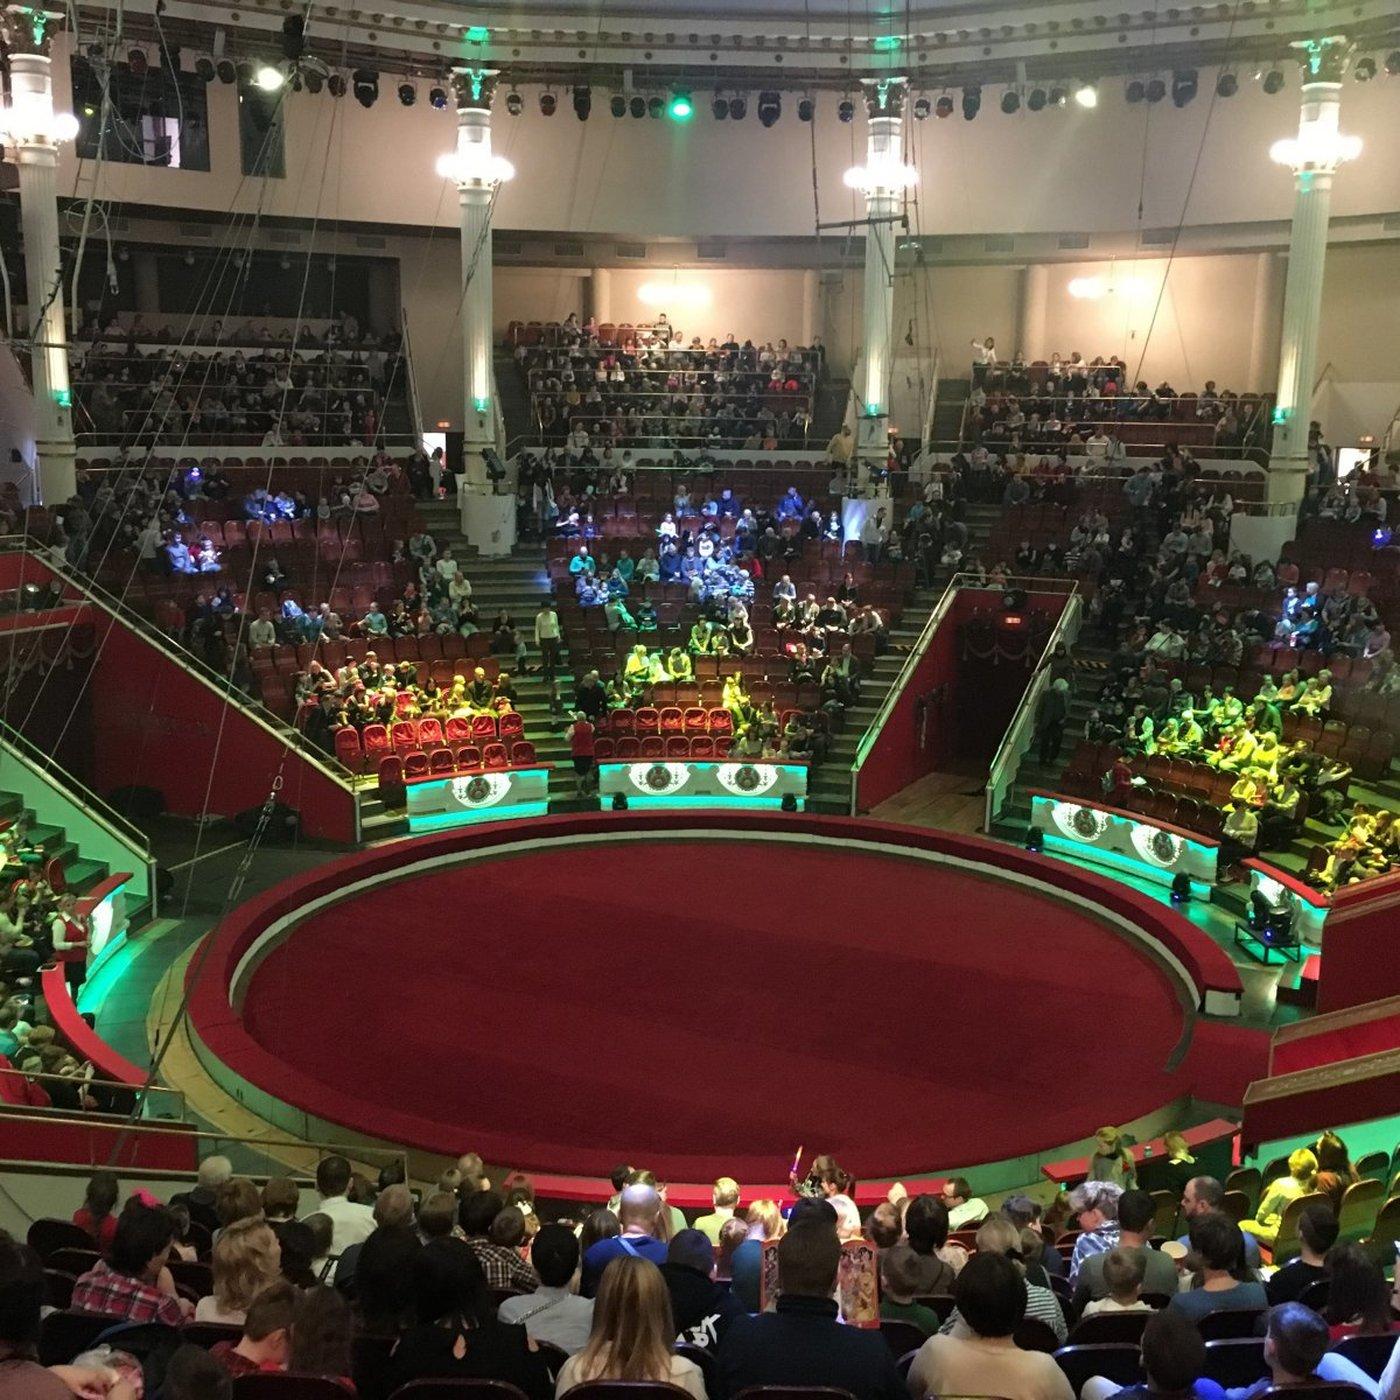 фото зала цирка на цветном бульваре возрасте